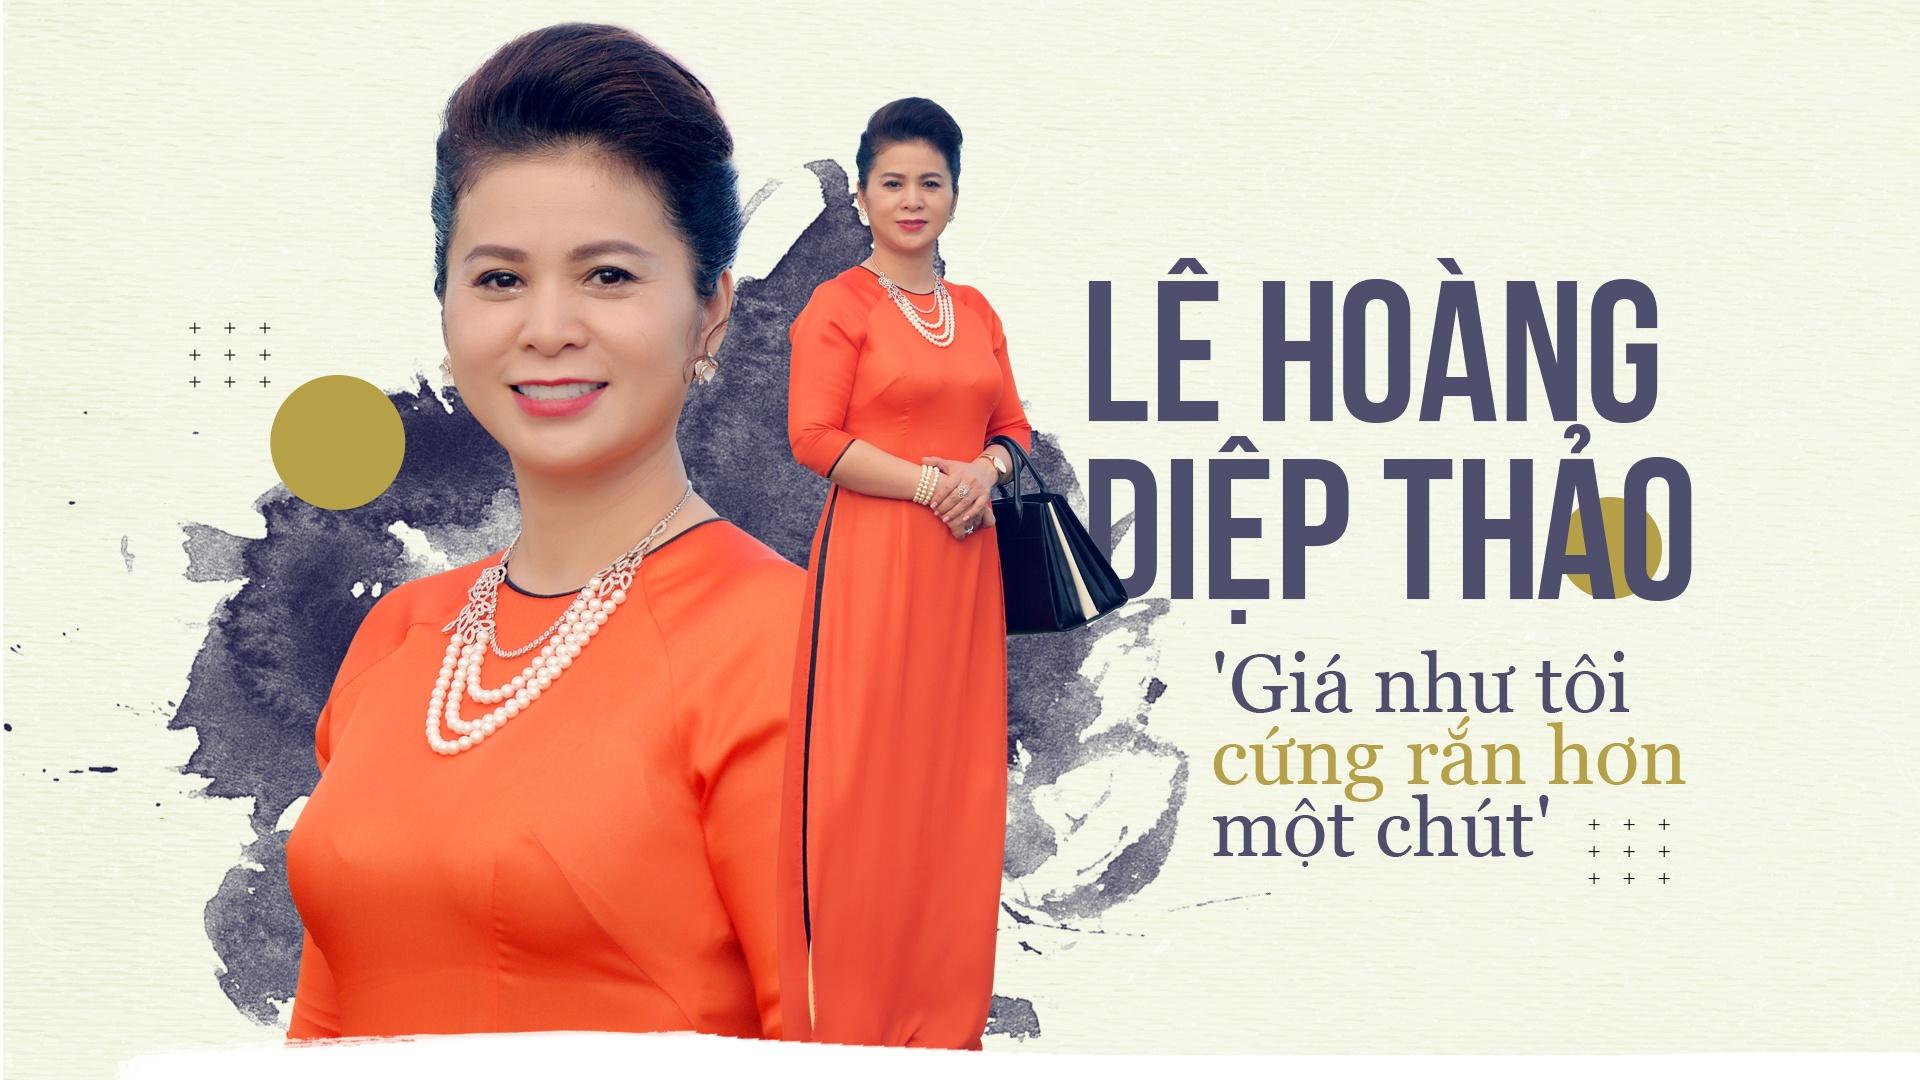 Vo vua ca phe Trung Nguyen: 'Gia nhu toi cung ran hon' hinh anh 2